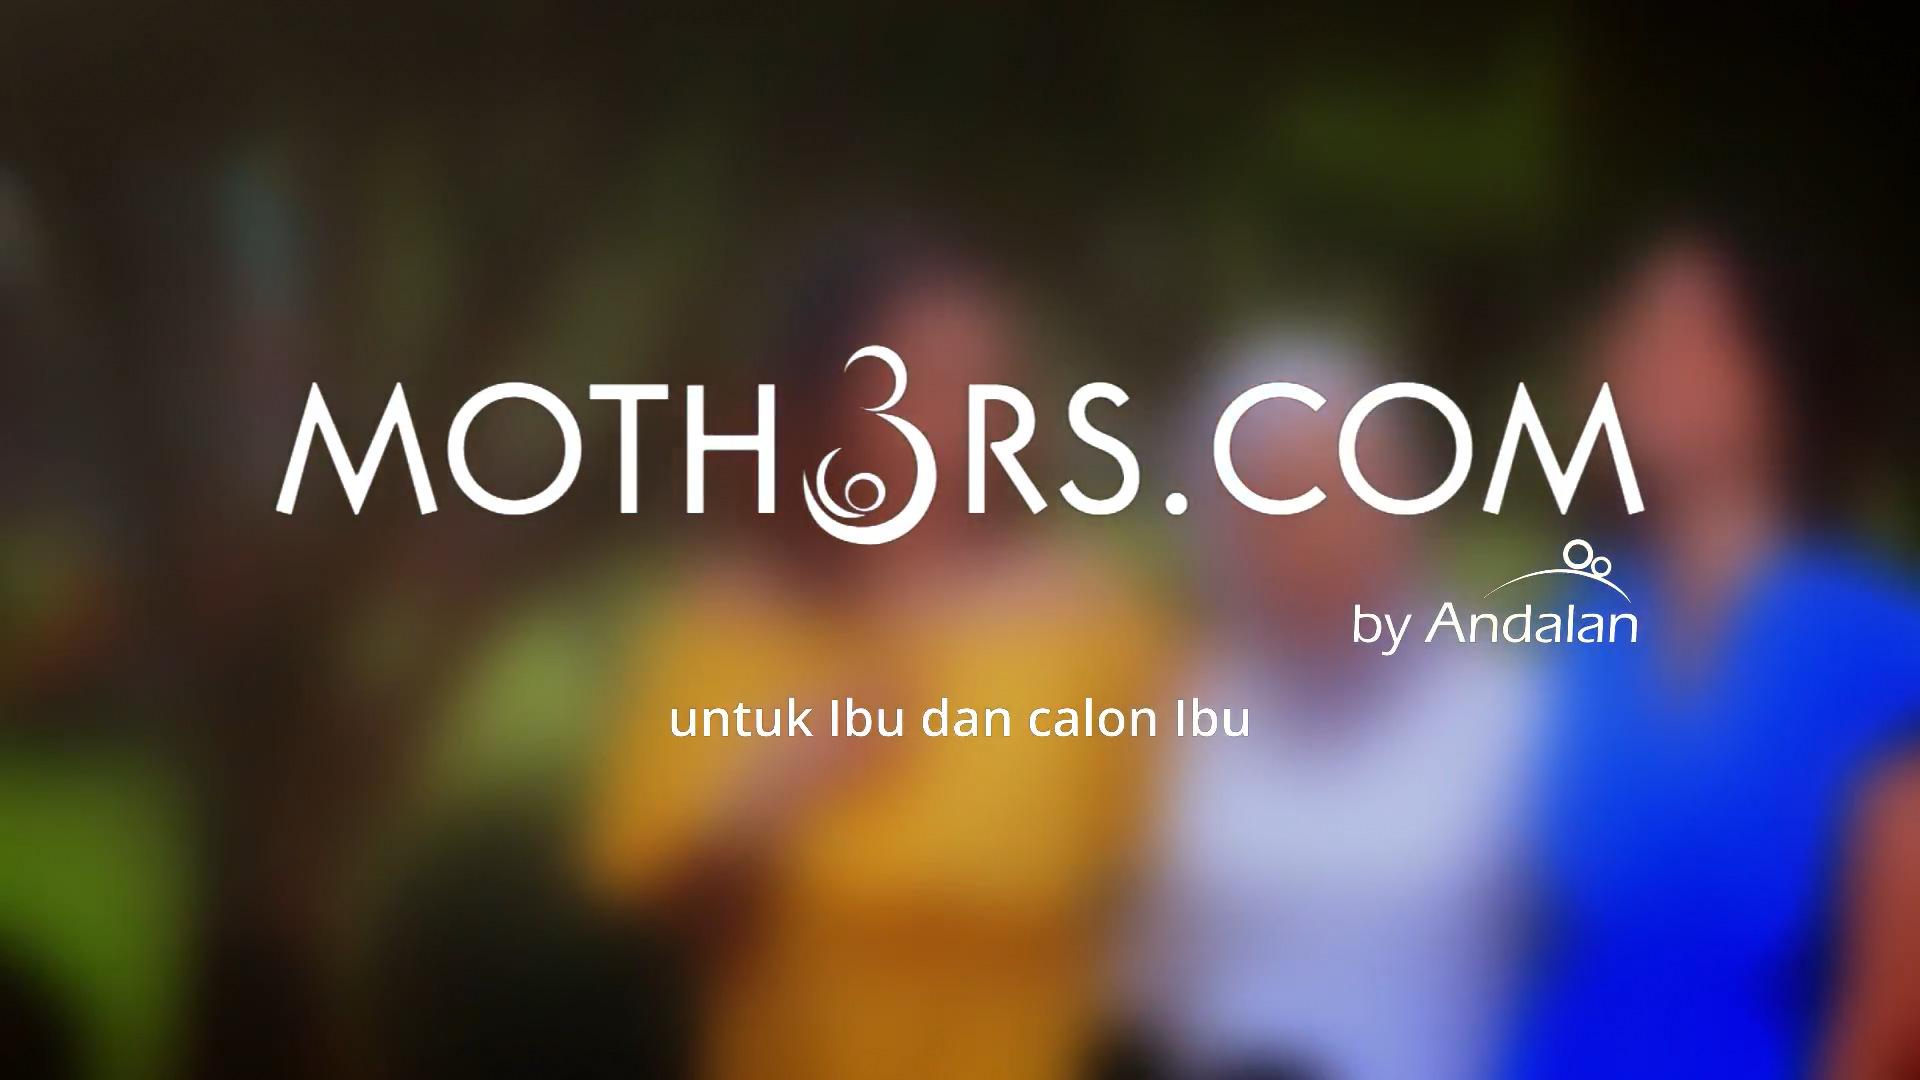 Andalan - Moth3rs.com - Jadi Ibu Itu...